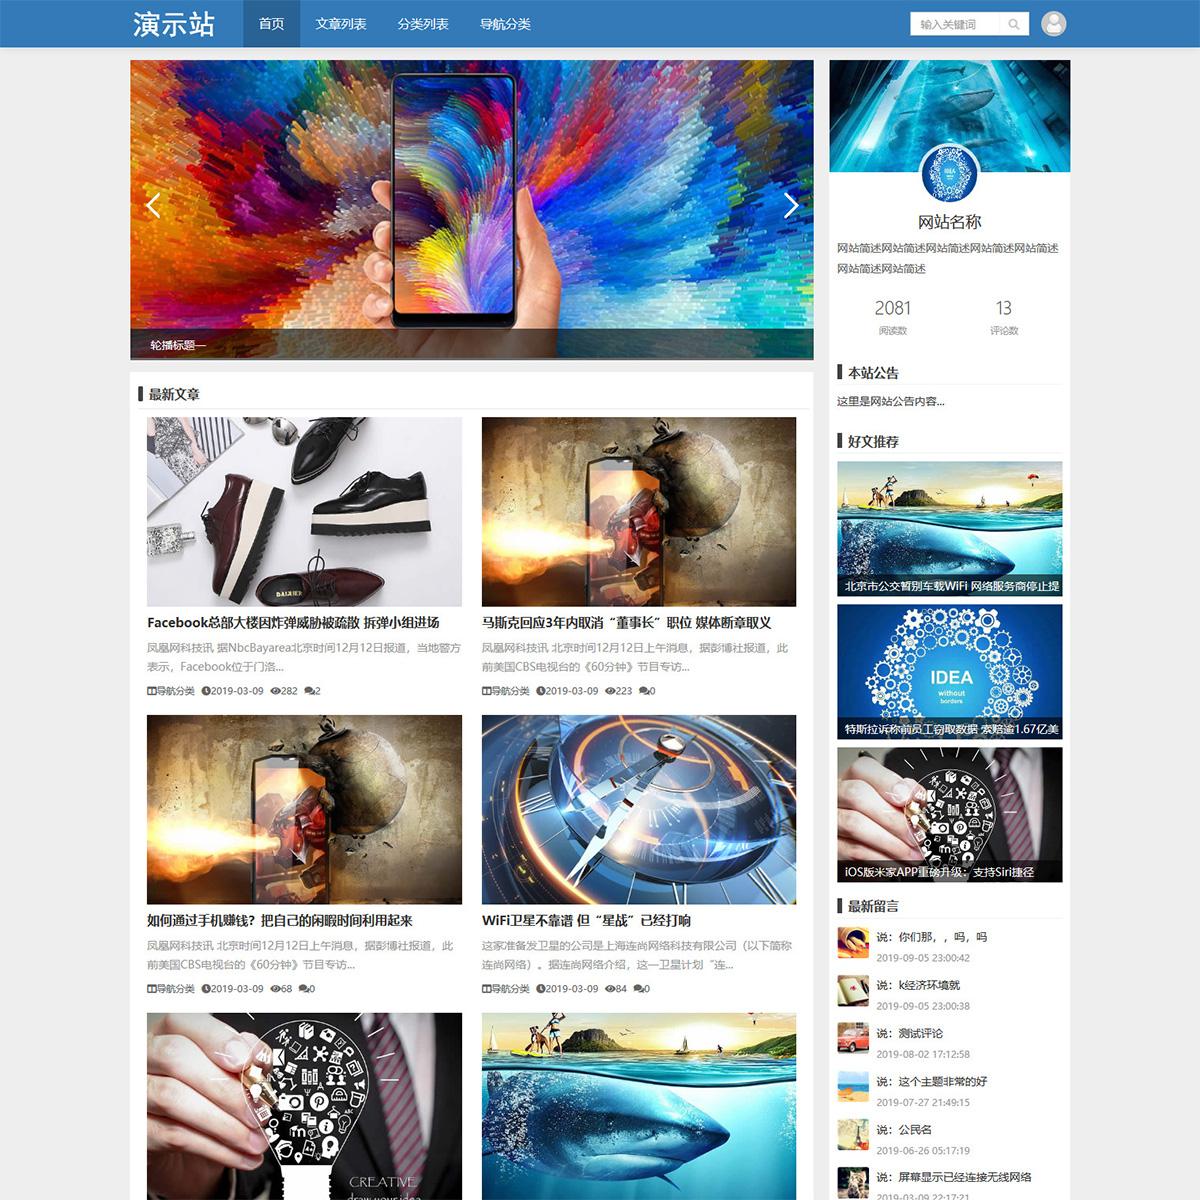 奇客响应式免费zblog图文资讯主题qk_tuz zblog 第1张